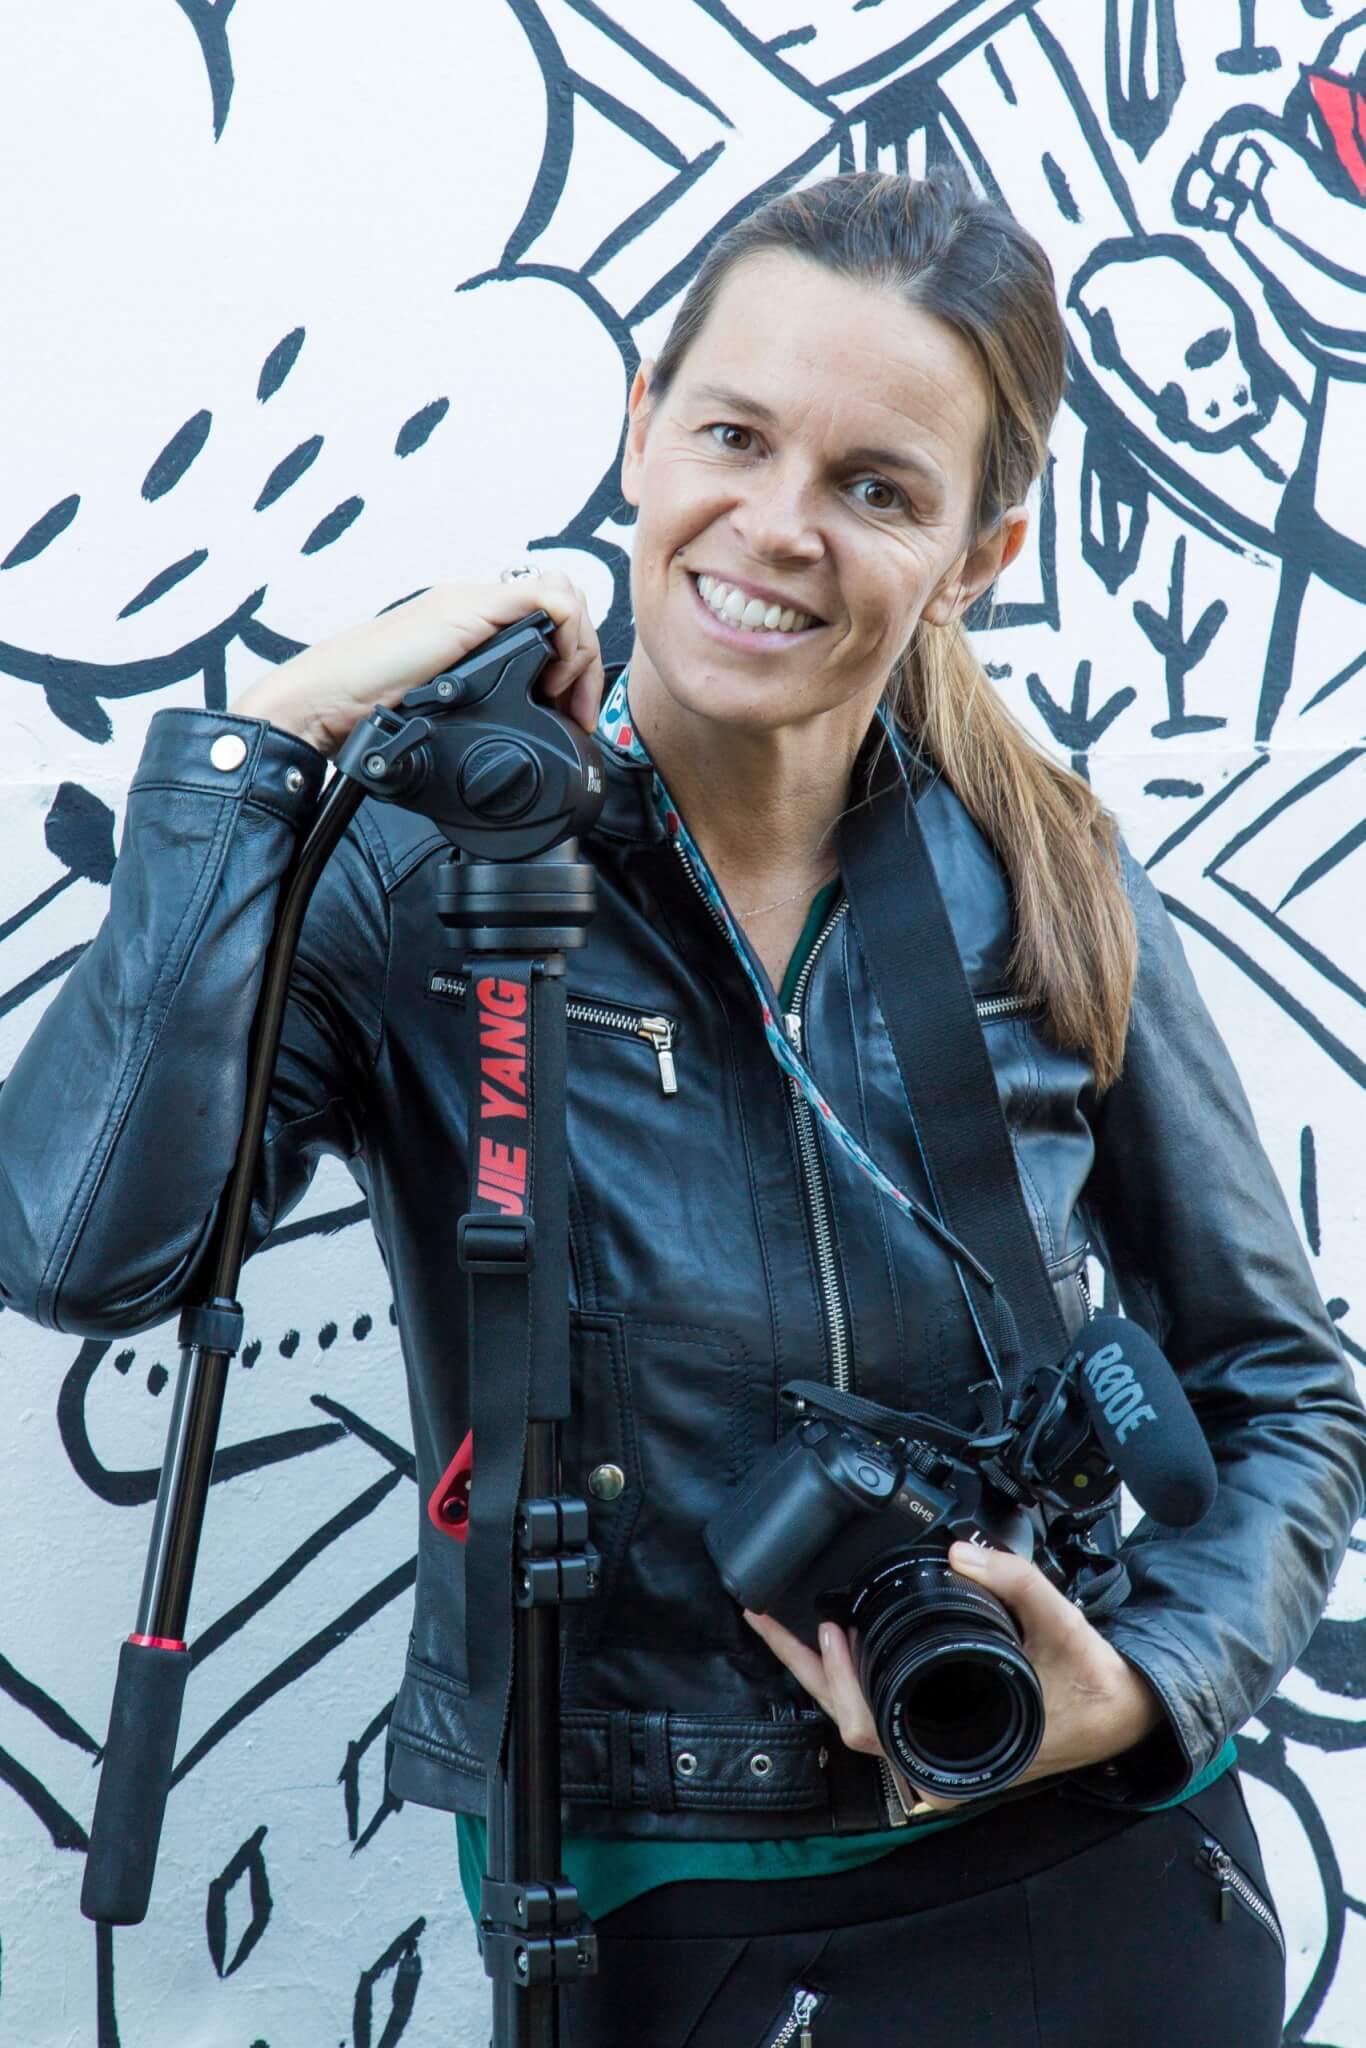 Carolina Monteverde uma contadora de histórias